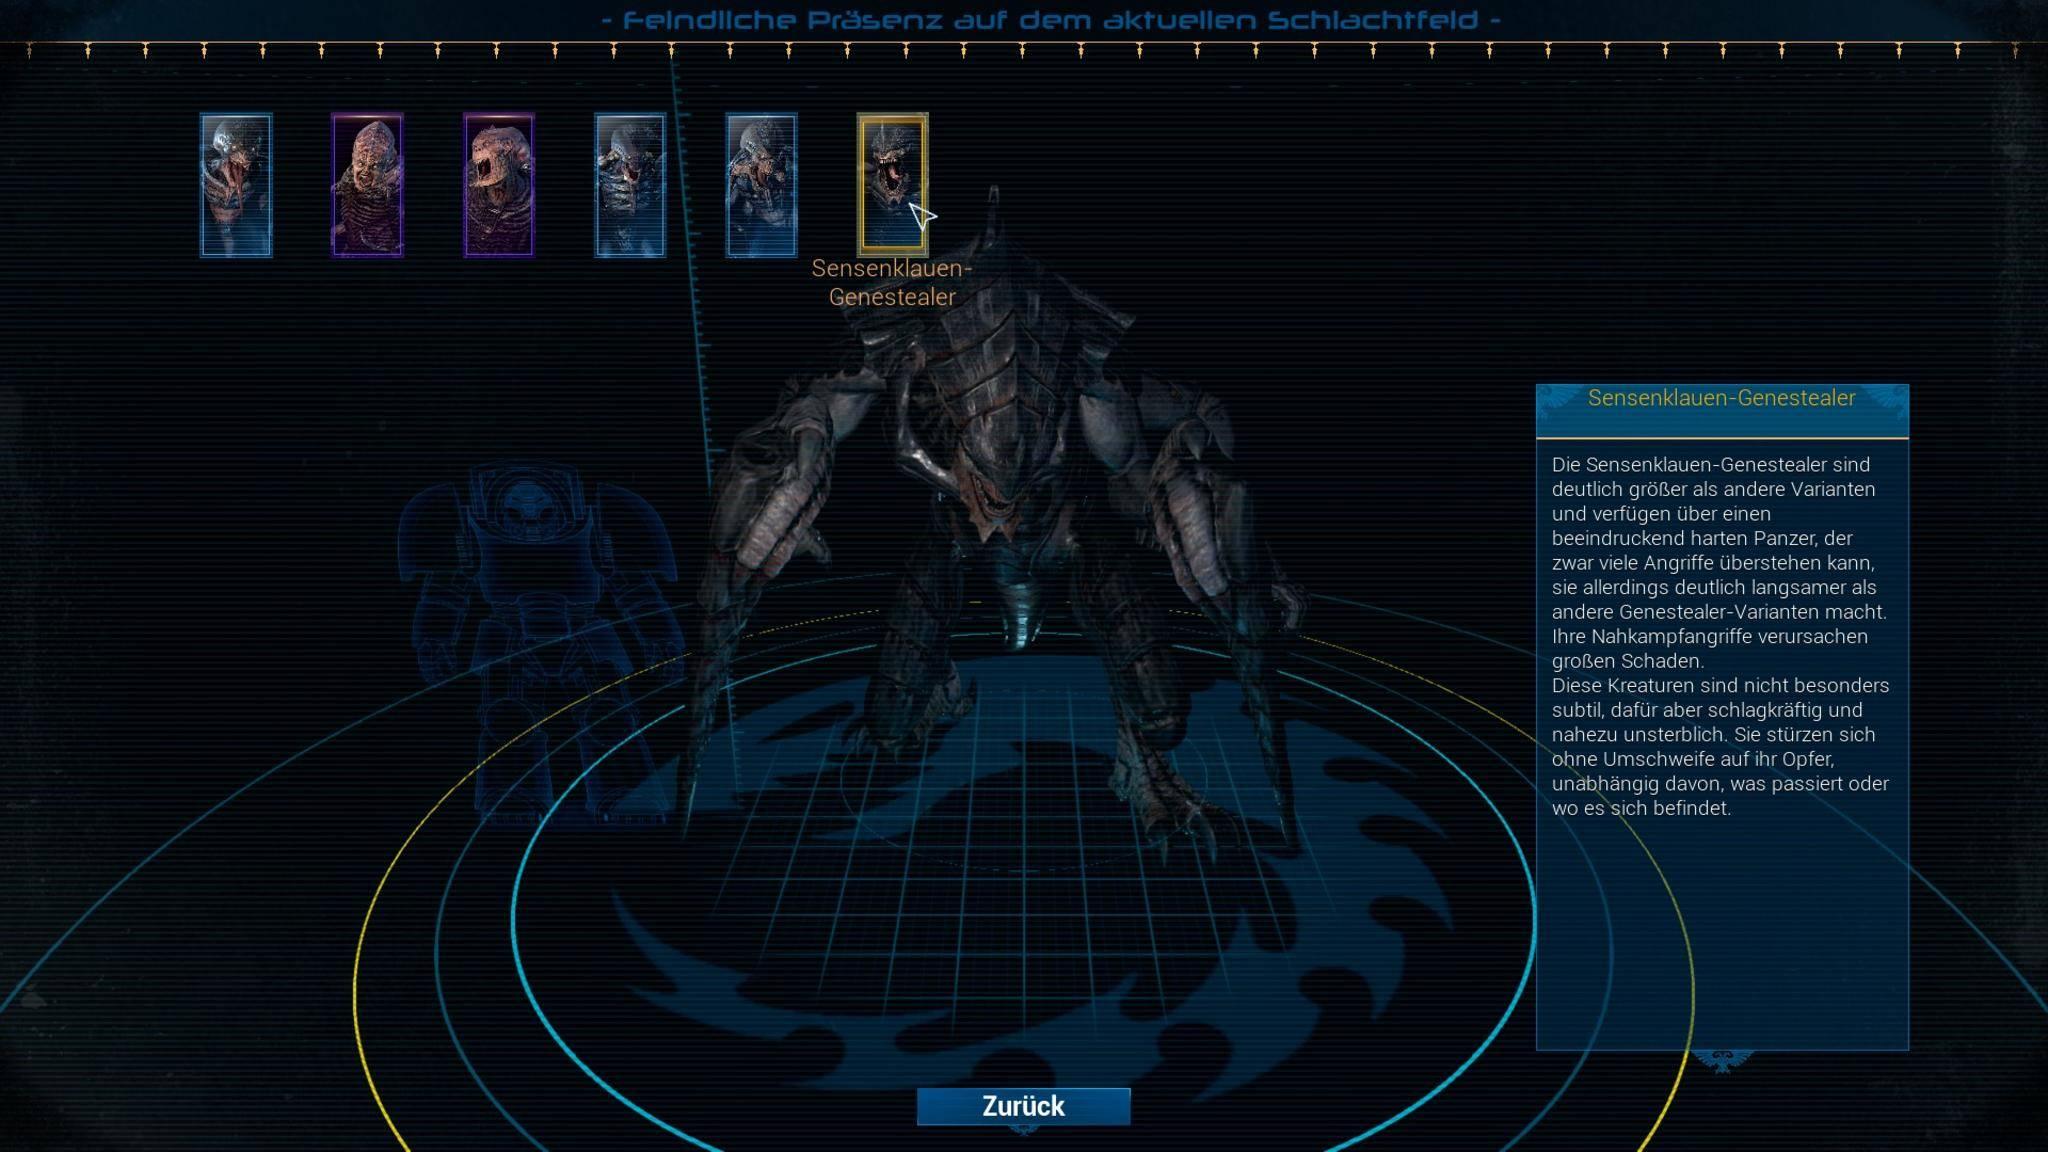 Über die taktische Karte lassen sich Infos zu den verschiedenen Tyraniden aufrufen.